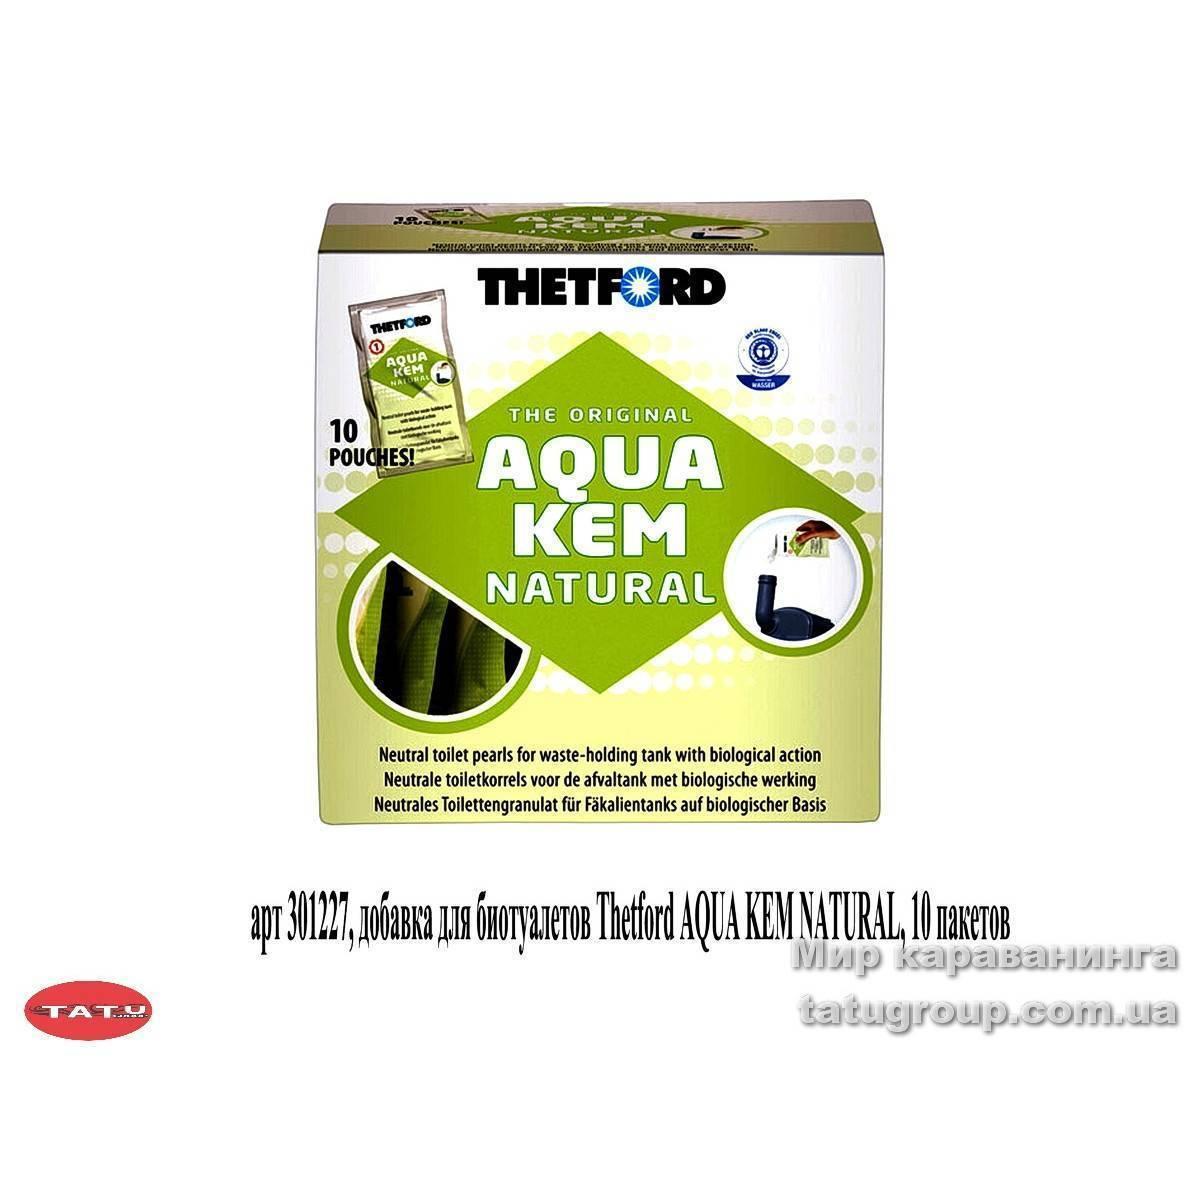 Туалетная бумага для биотуалетов thetford aqua soft. использование бумаги для биотуалетов. существуют ли более доступные варианты